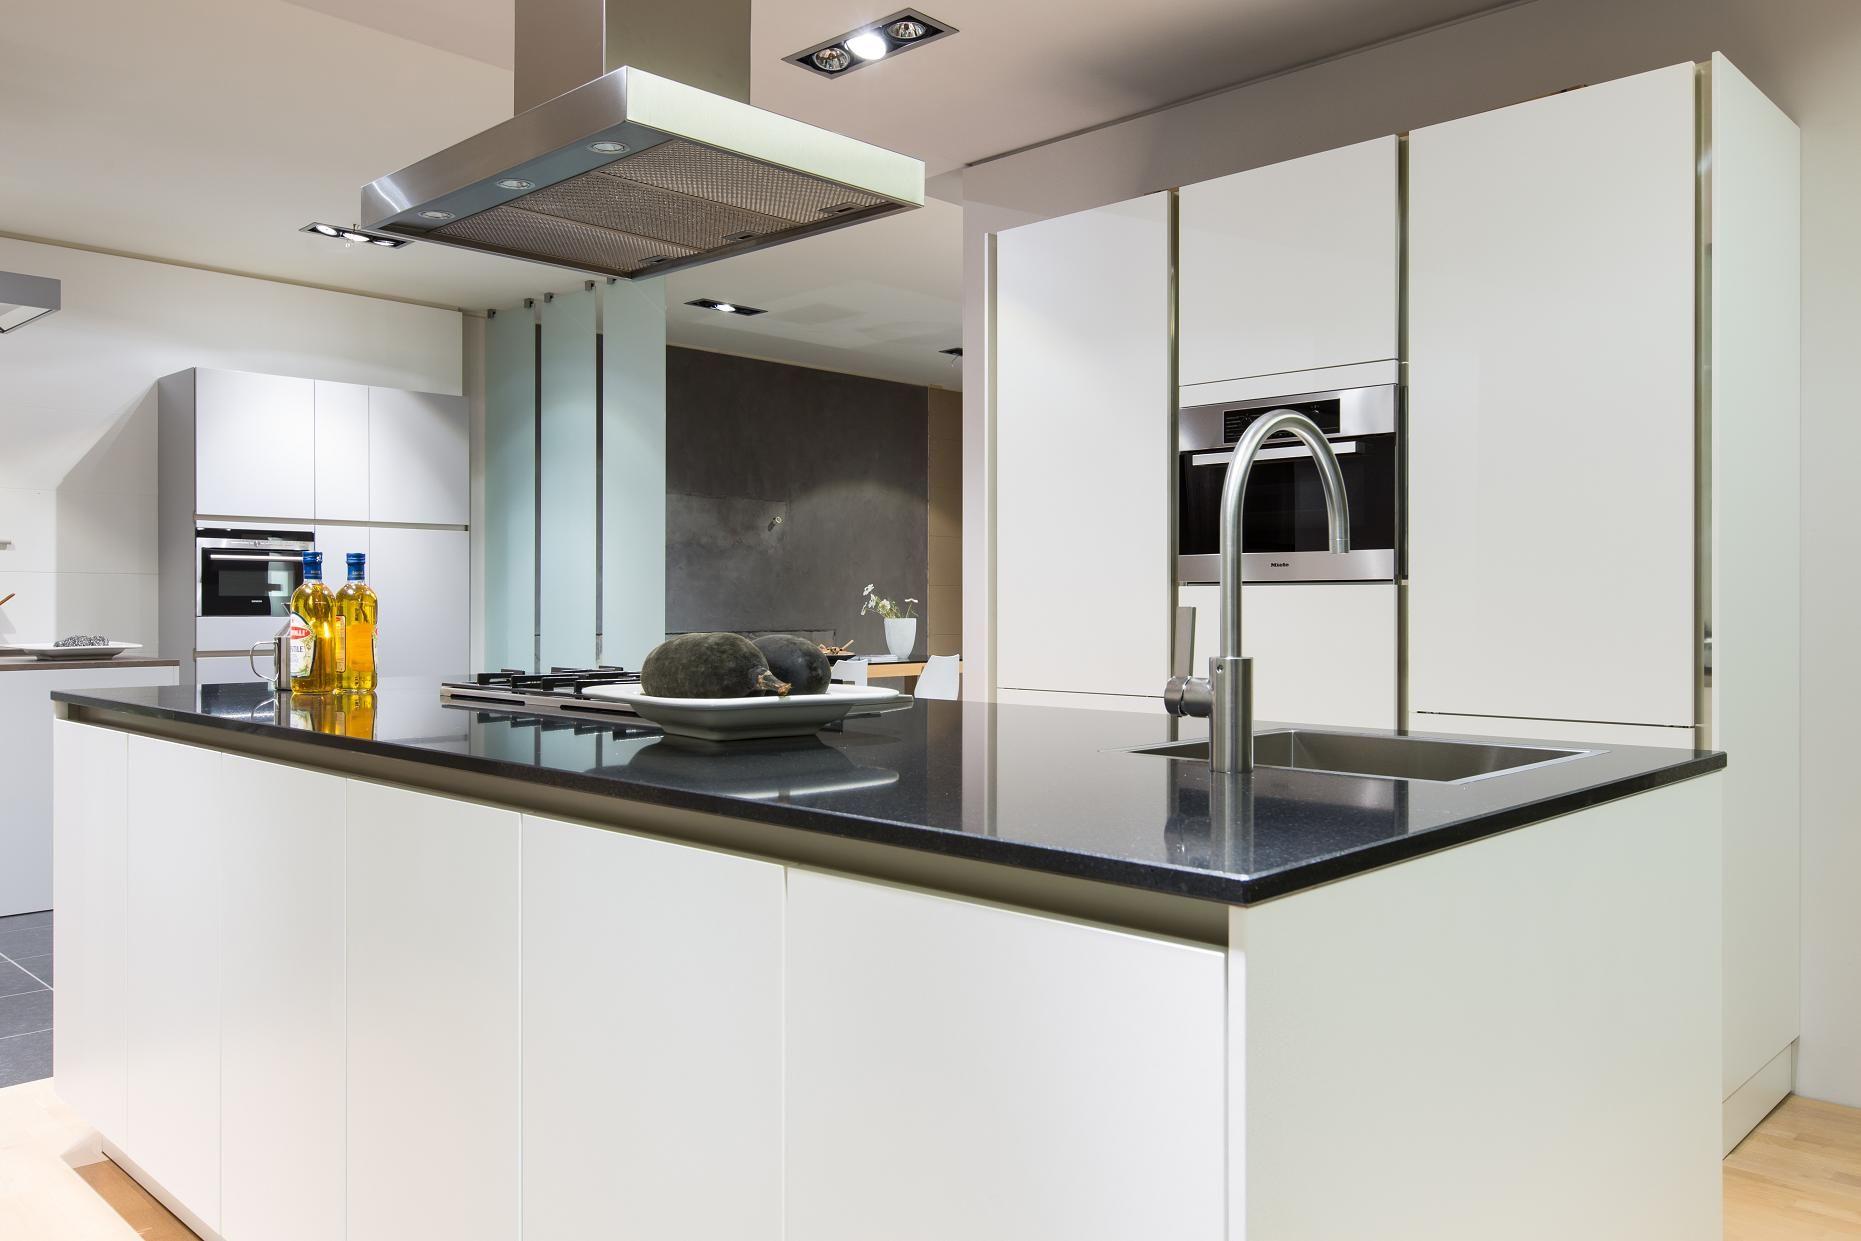 De voordeligste woonwinkel van nederland siematic s2k lotus wit 47251 - Eiland in de kleine keuken ...